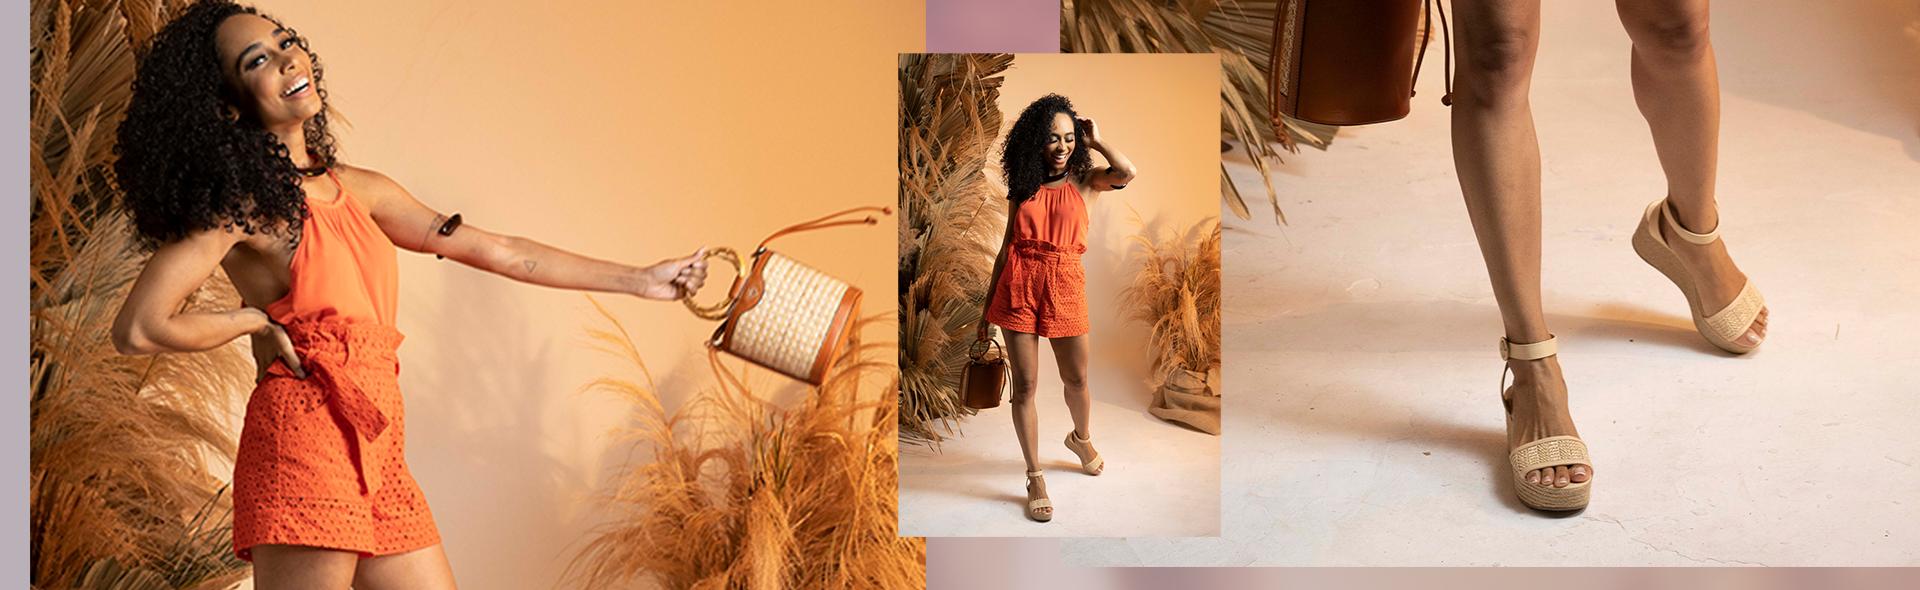 Anita Shoes - Calçados e Acessórios - Masculino - Confira calçados masculinos em diversas marcas, cores e modelos